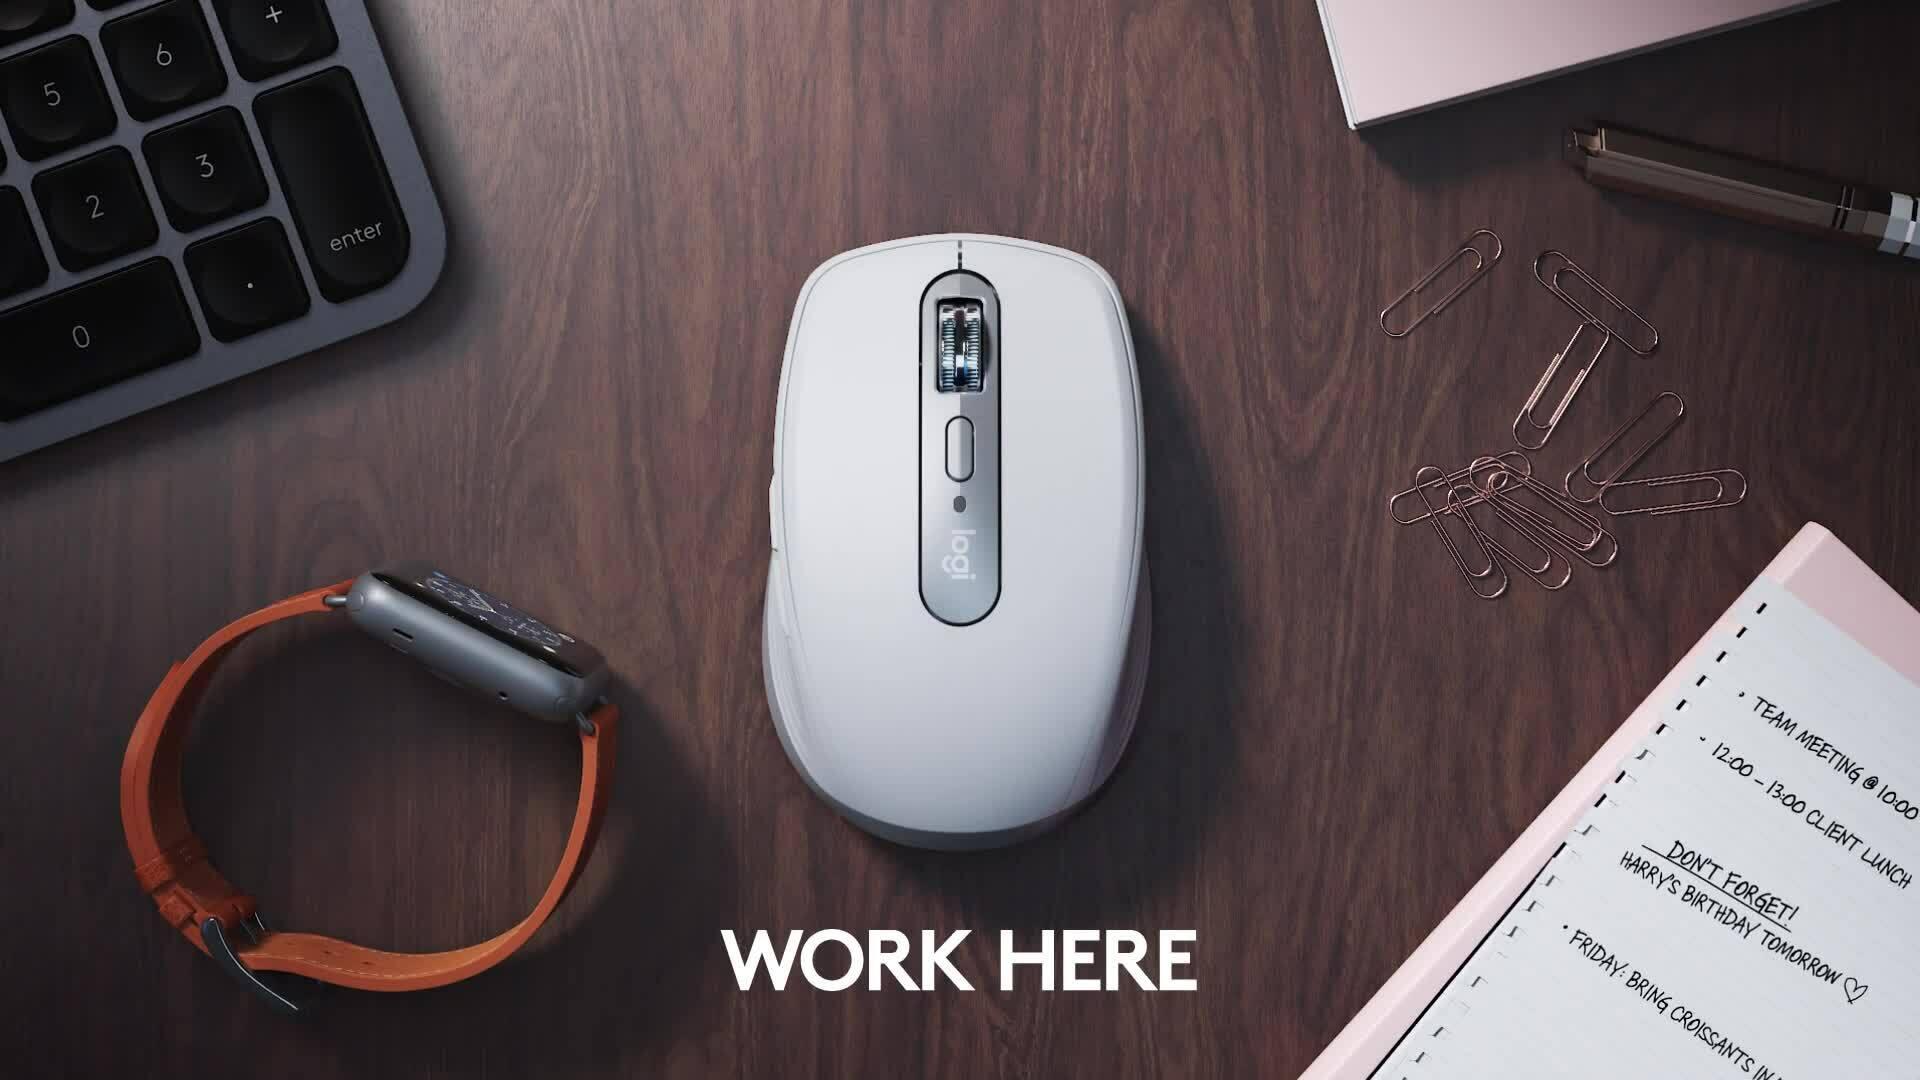 Logitech Anywhere 3 hỗ trợ người dùng làm việc ở bất cứ đâu